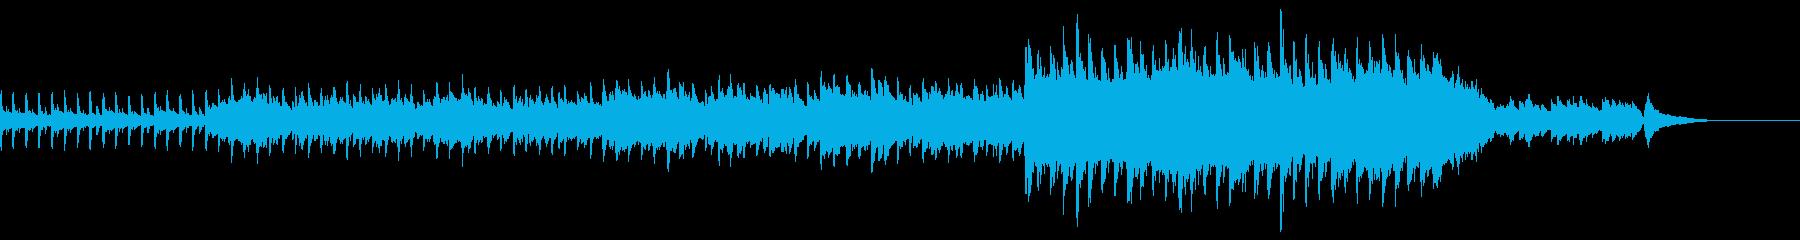 企業VP用夜空に合うギターがメインの曲の再生済みの波形